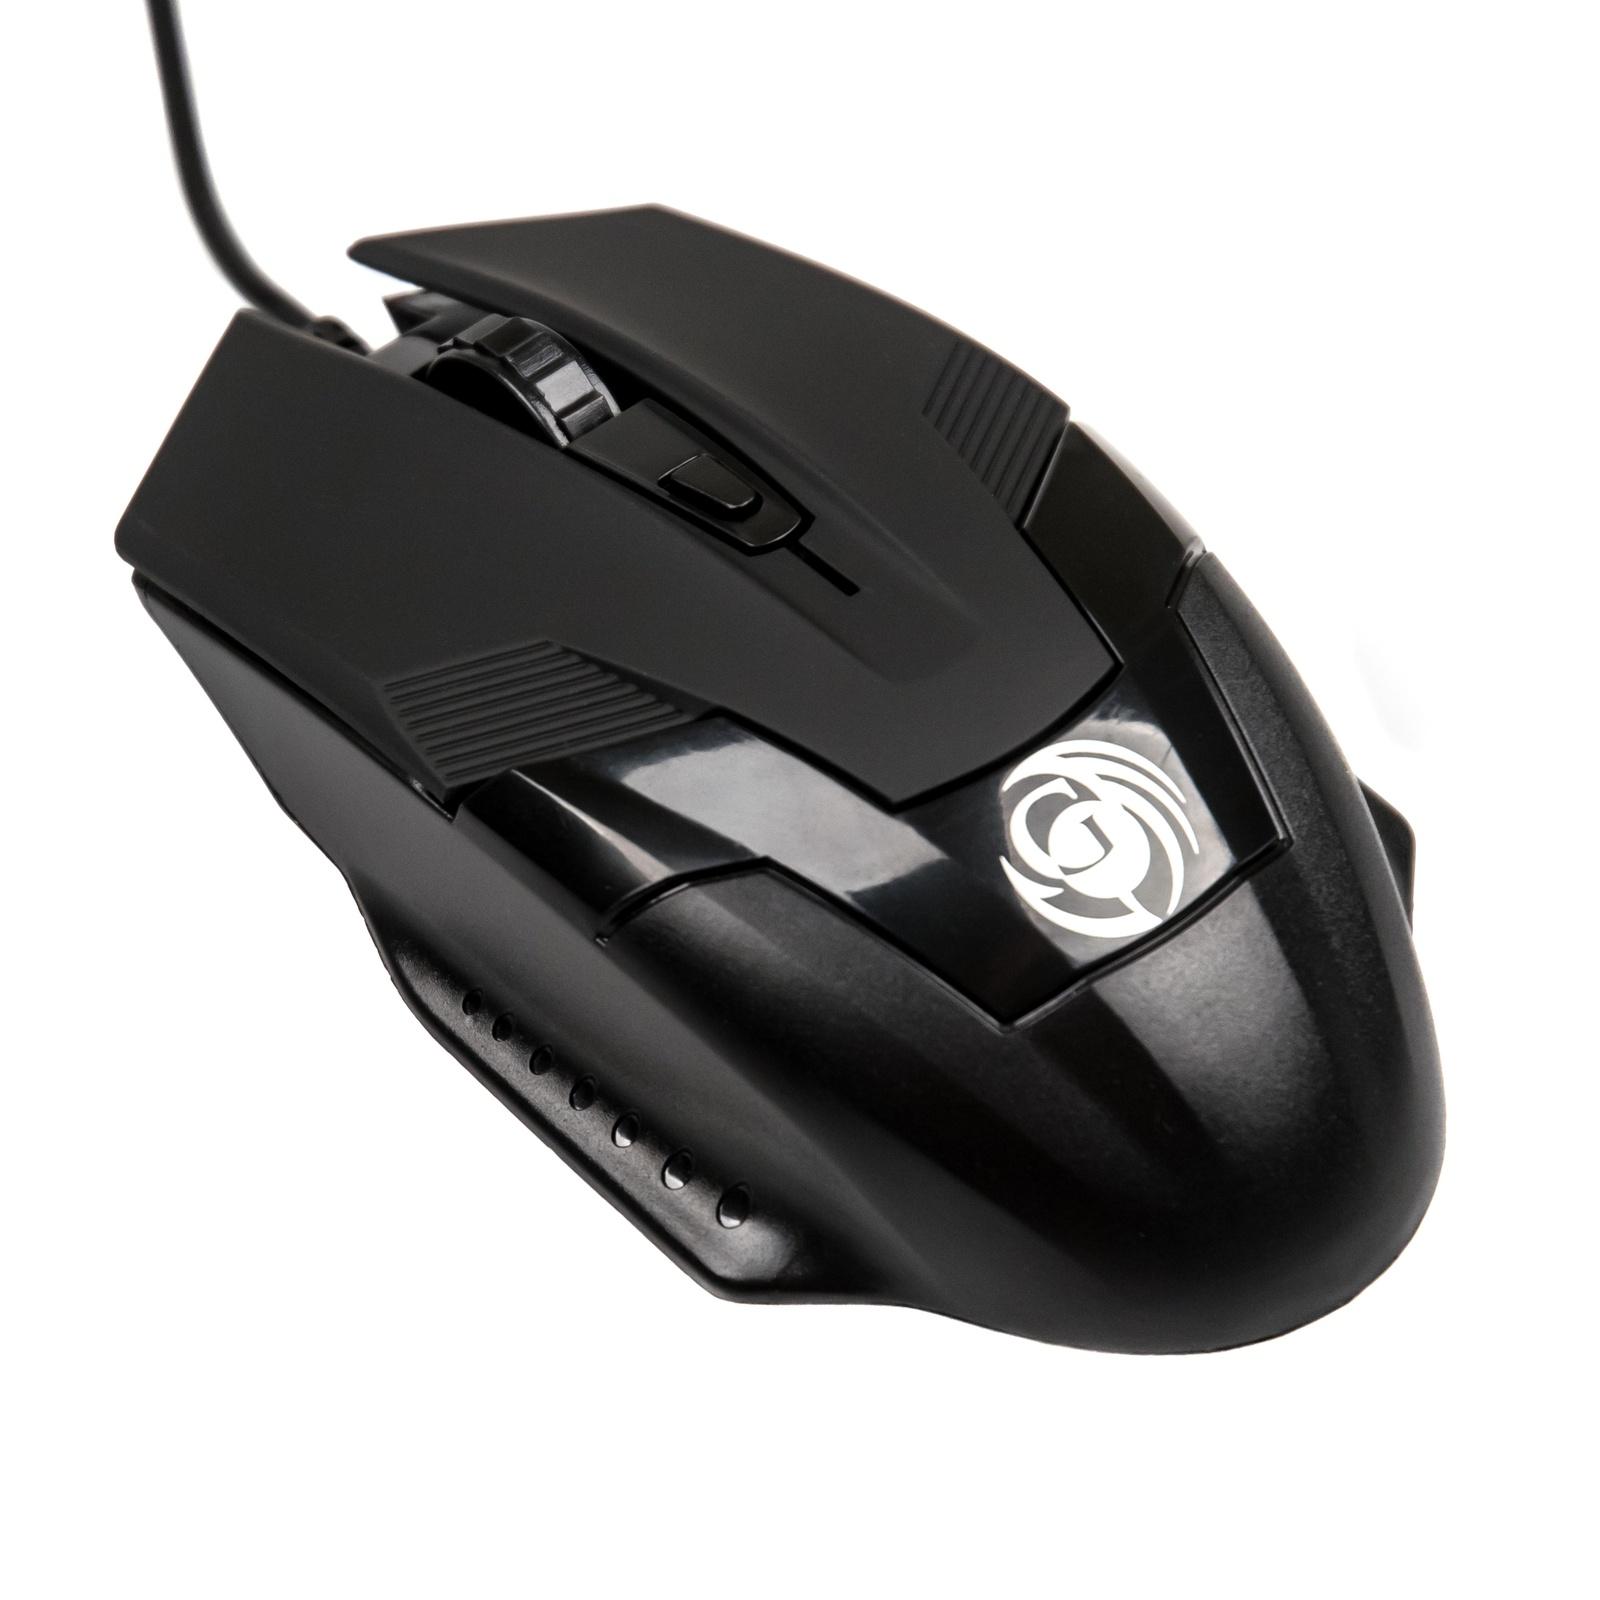 лучшая цена Игровая мышь DIALOG Gan-Kata MGK-06U, USB, игровая, USB 4 кнопки+ролик, черный